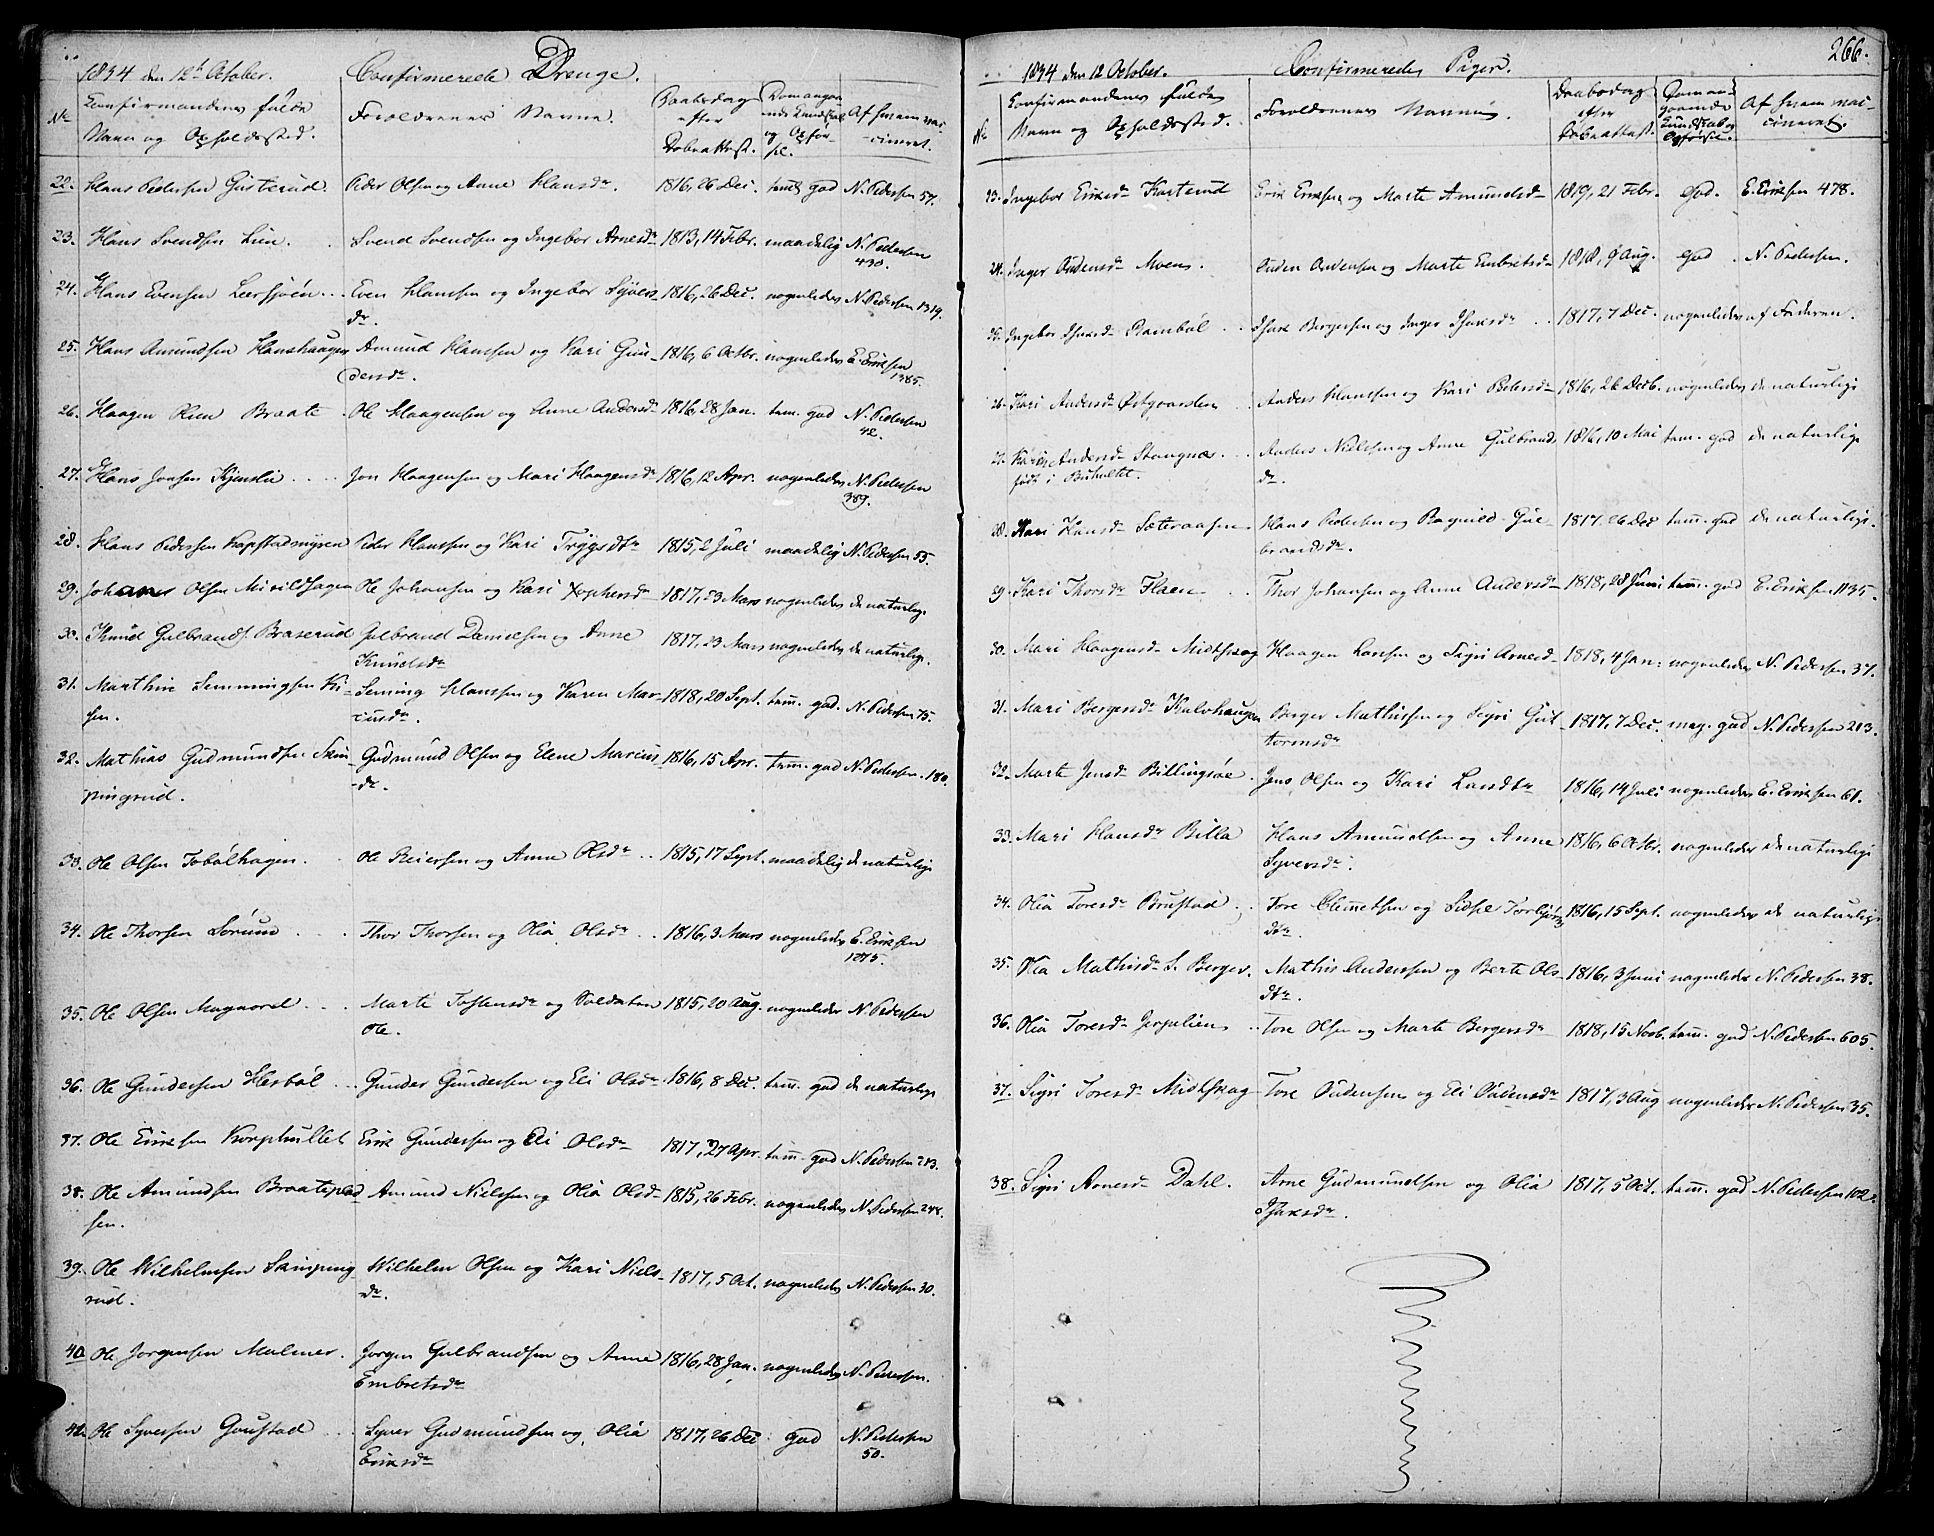 SAH, Vinger prestekontor, Ministerialbok nr. 7, 1826-1839, s. 266